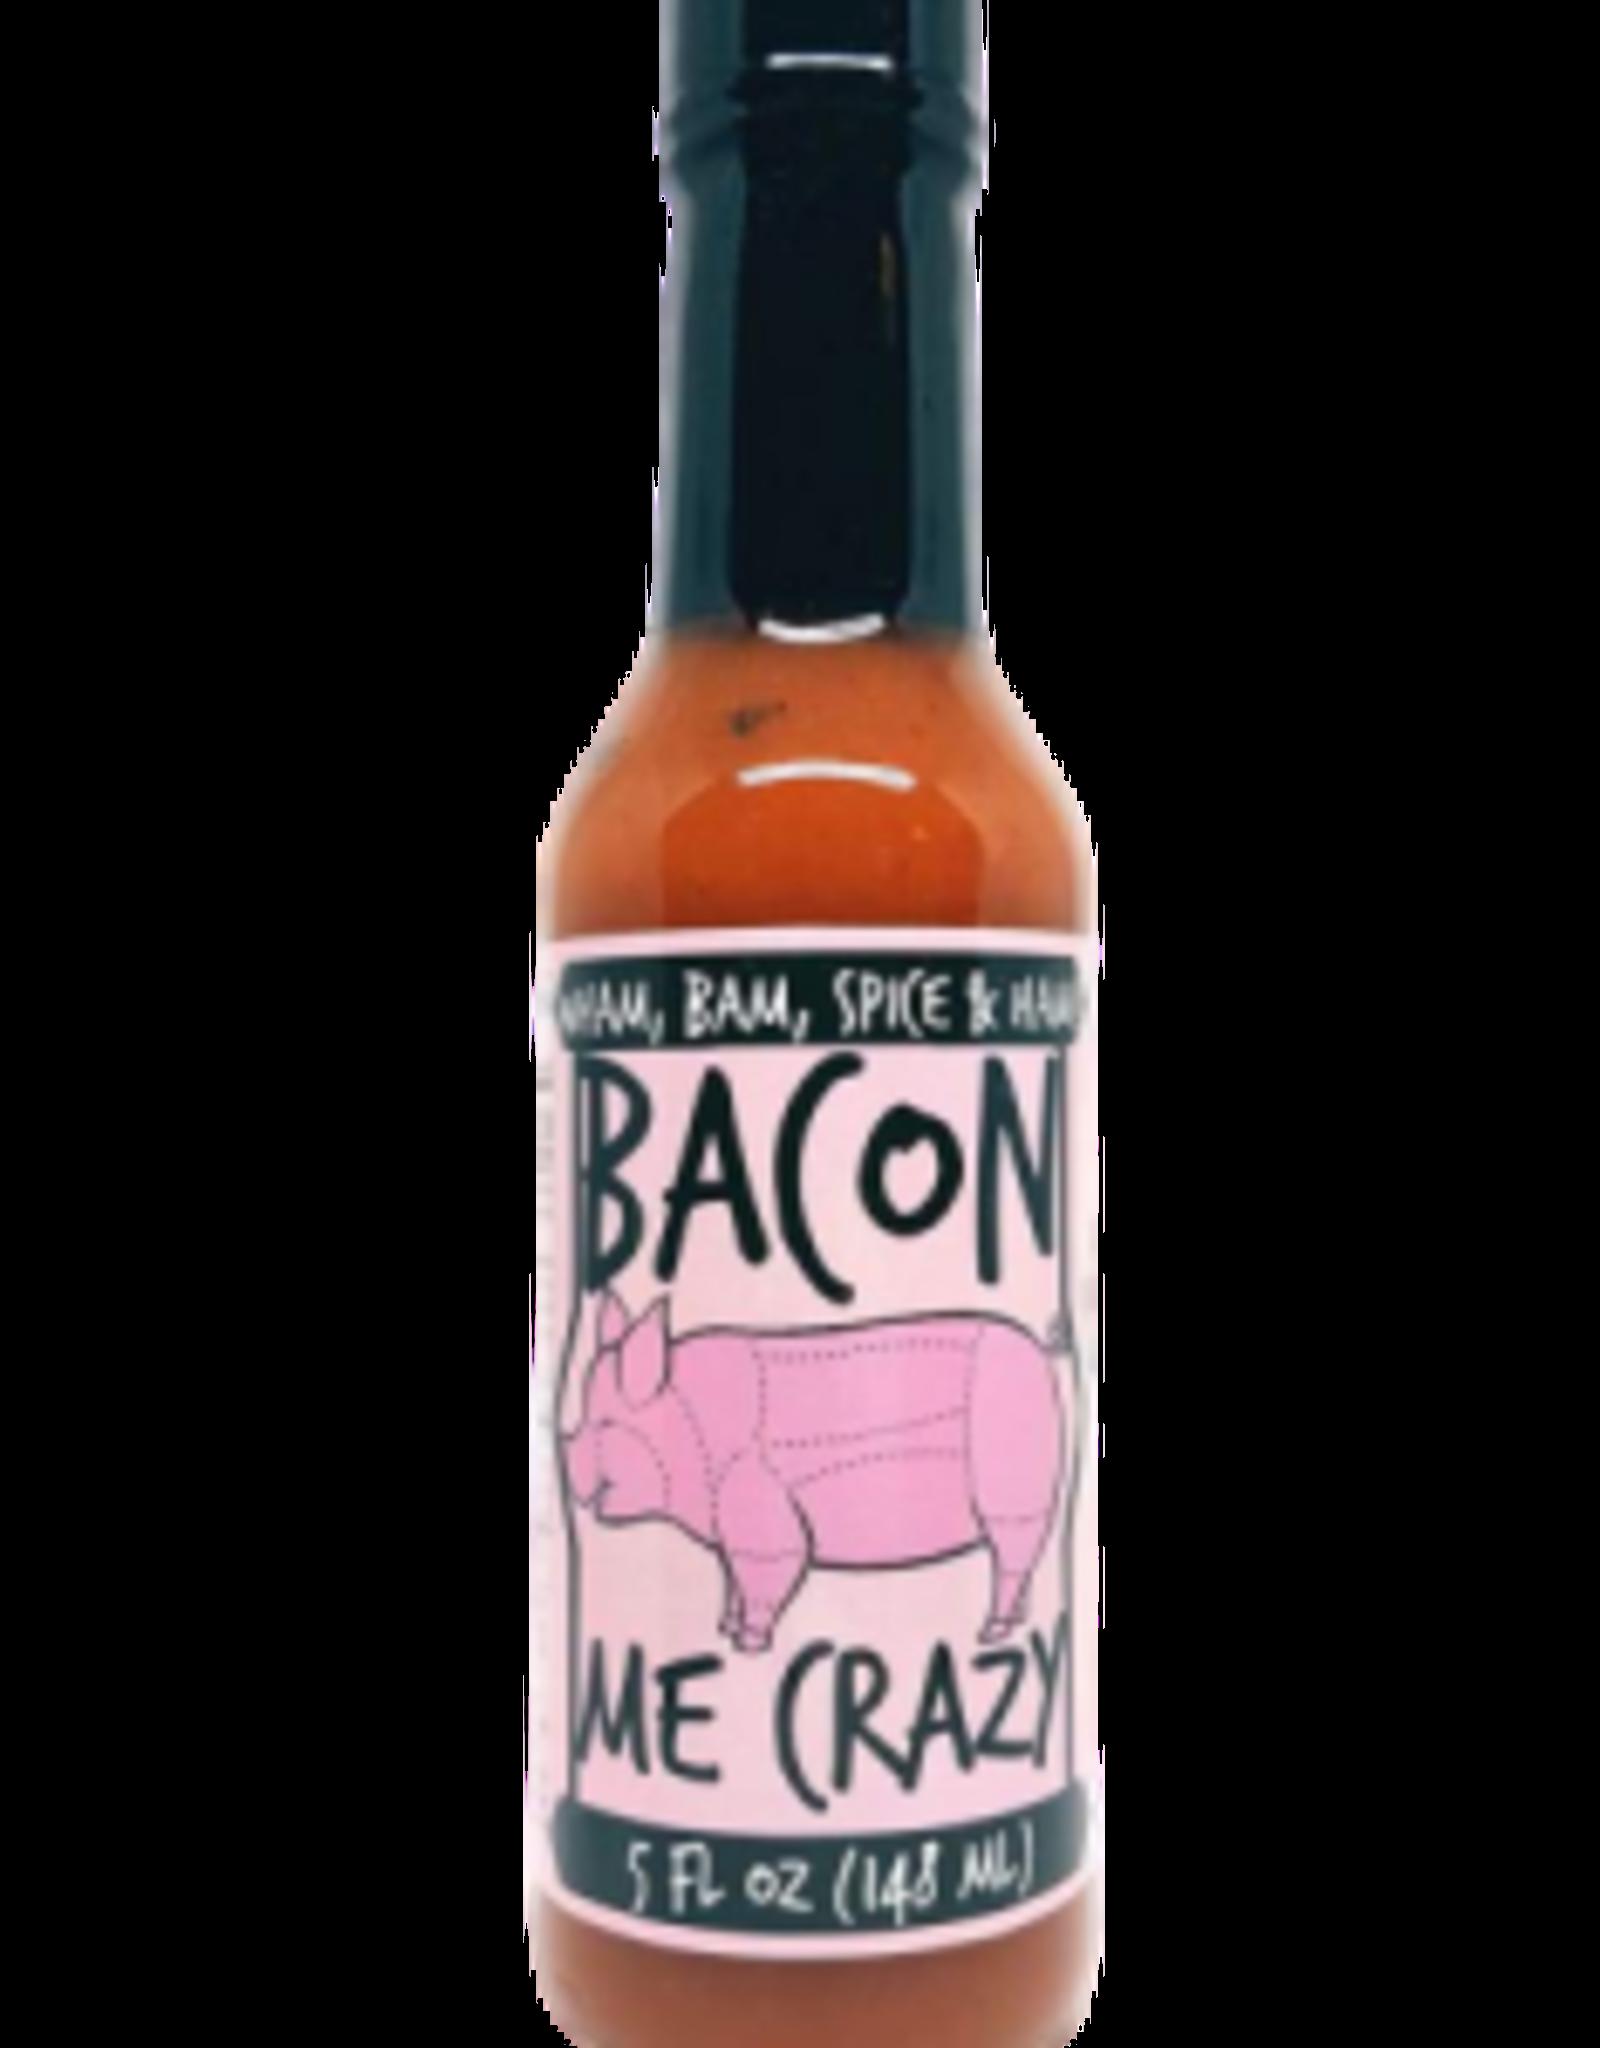 Bacon Me Crazy